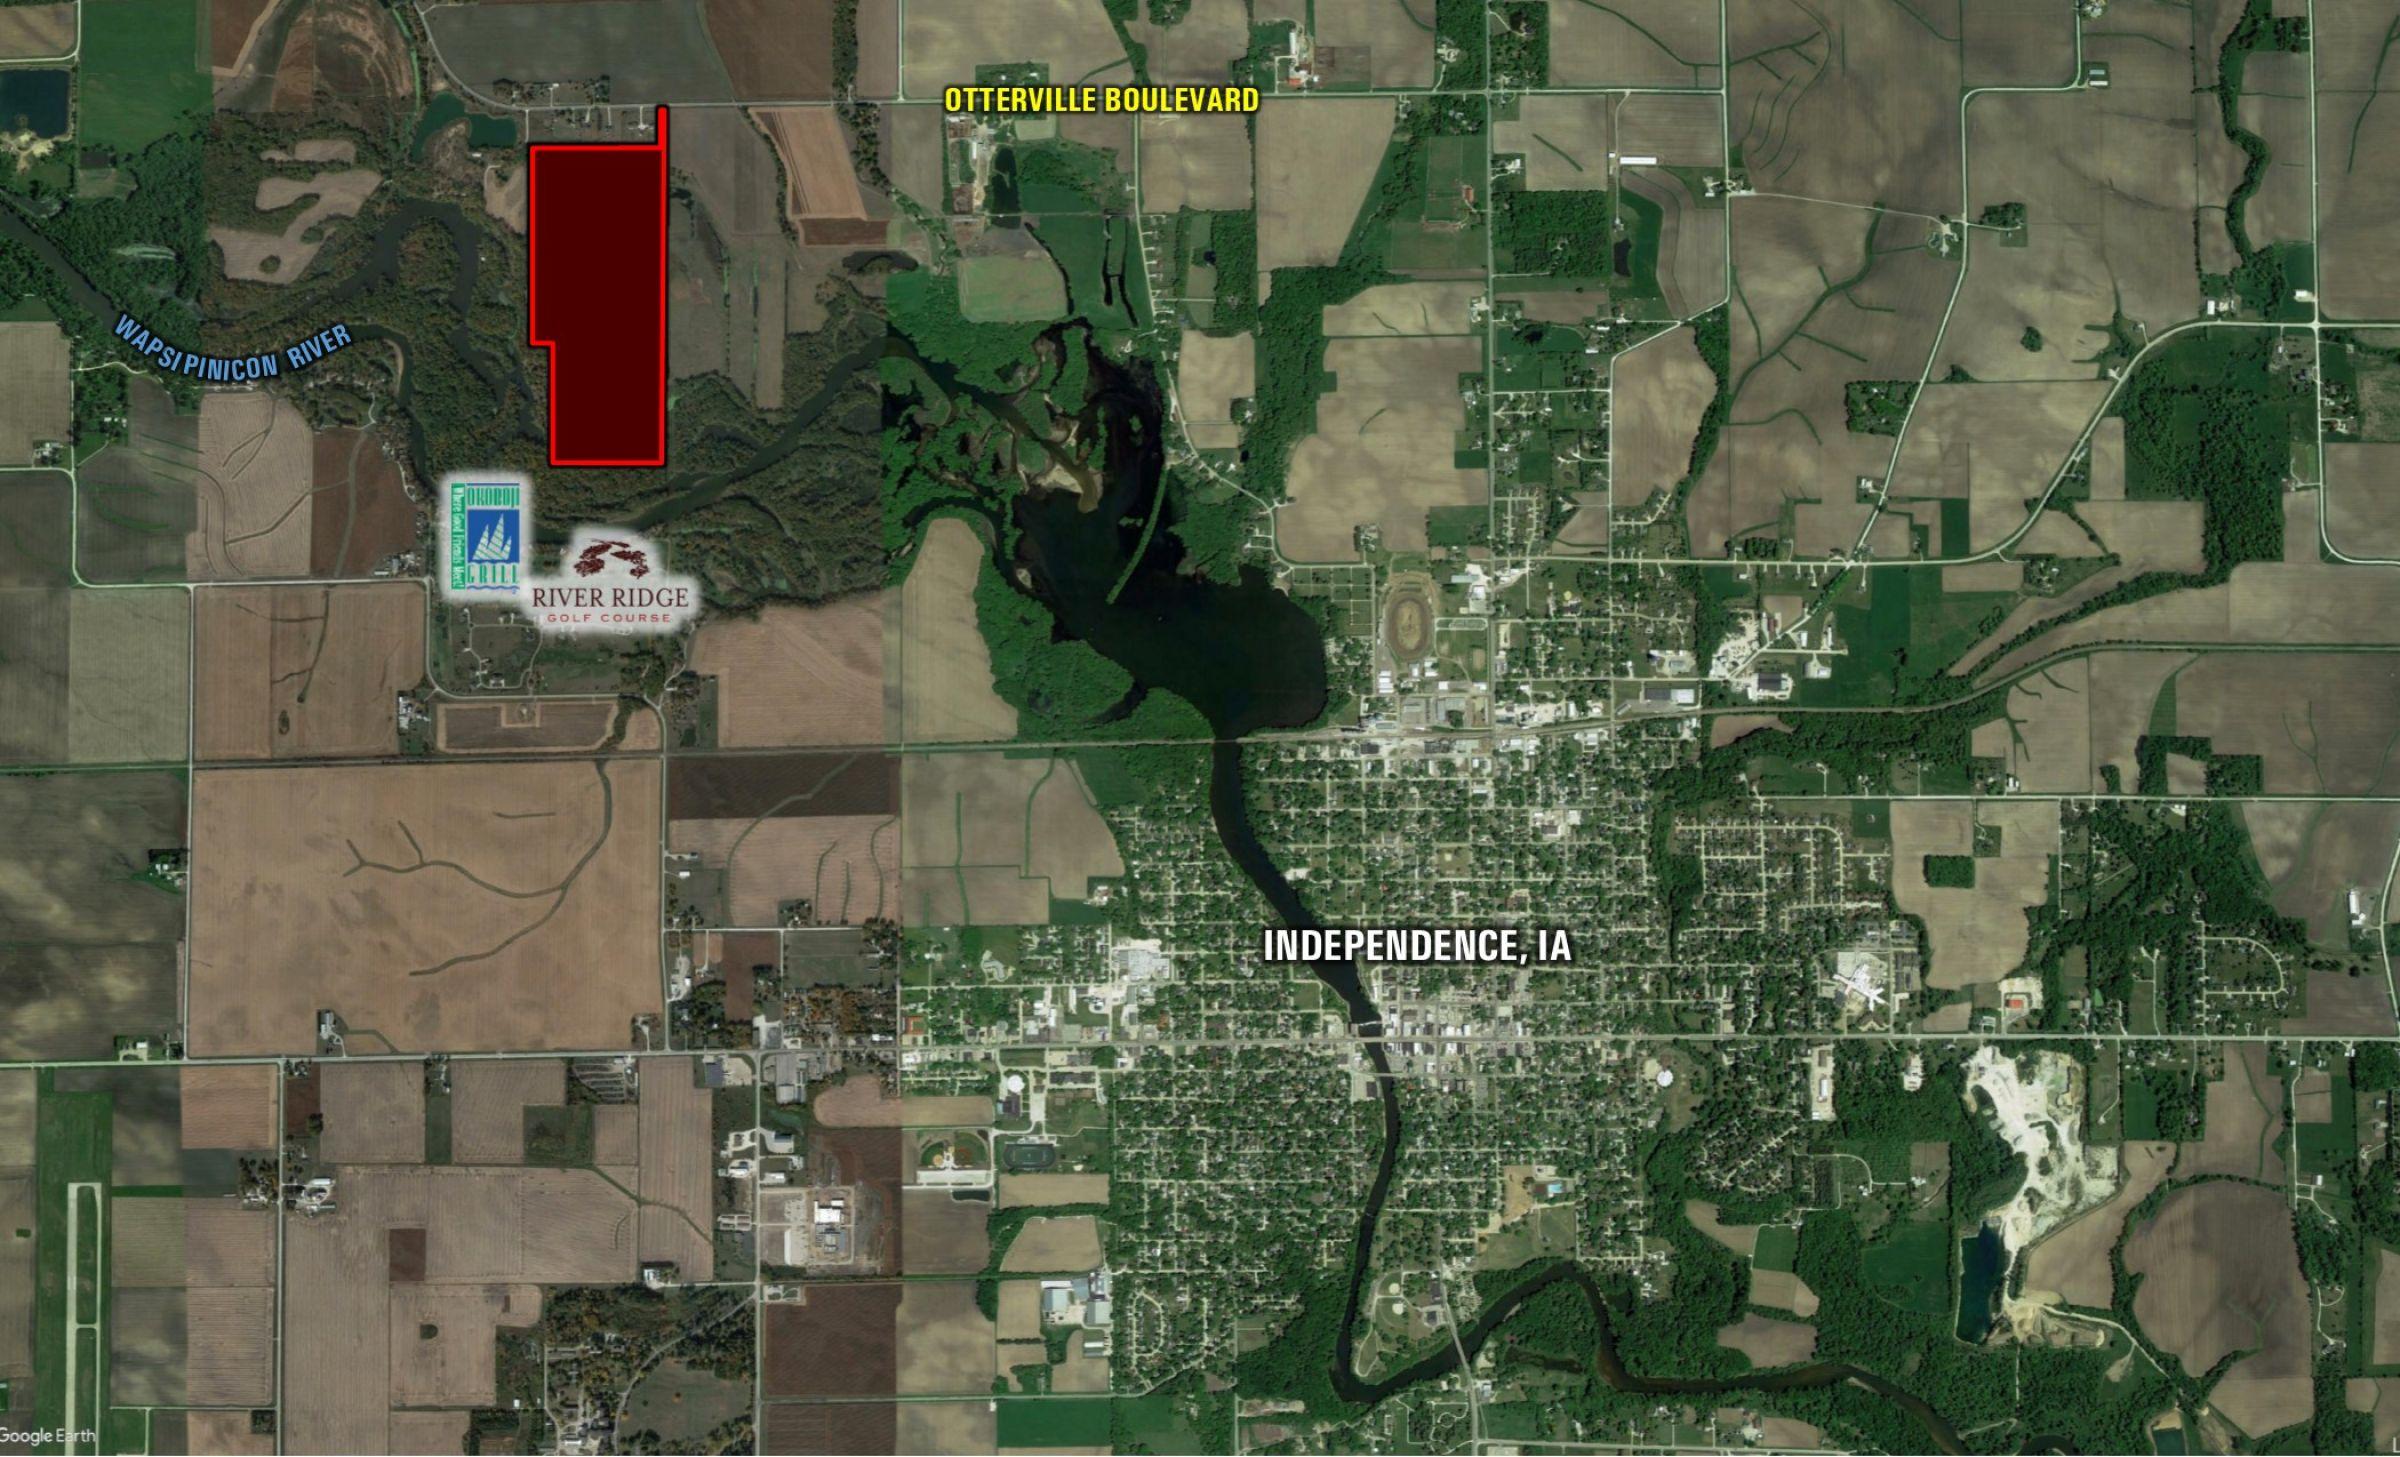 Google Far Aerial Map